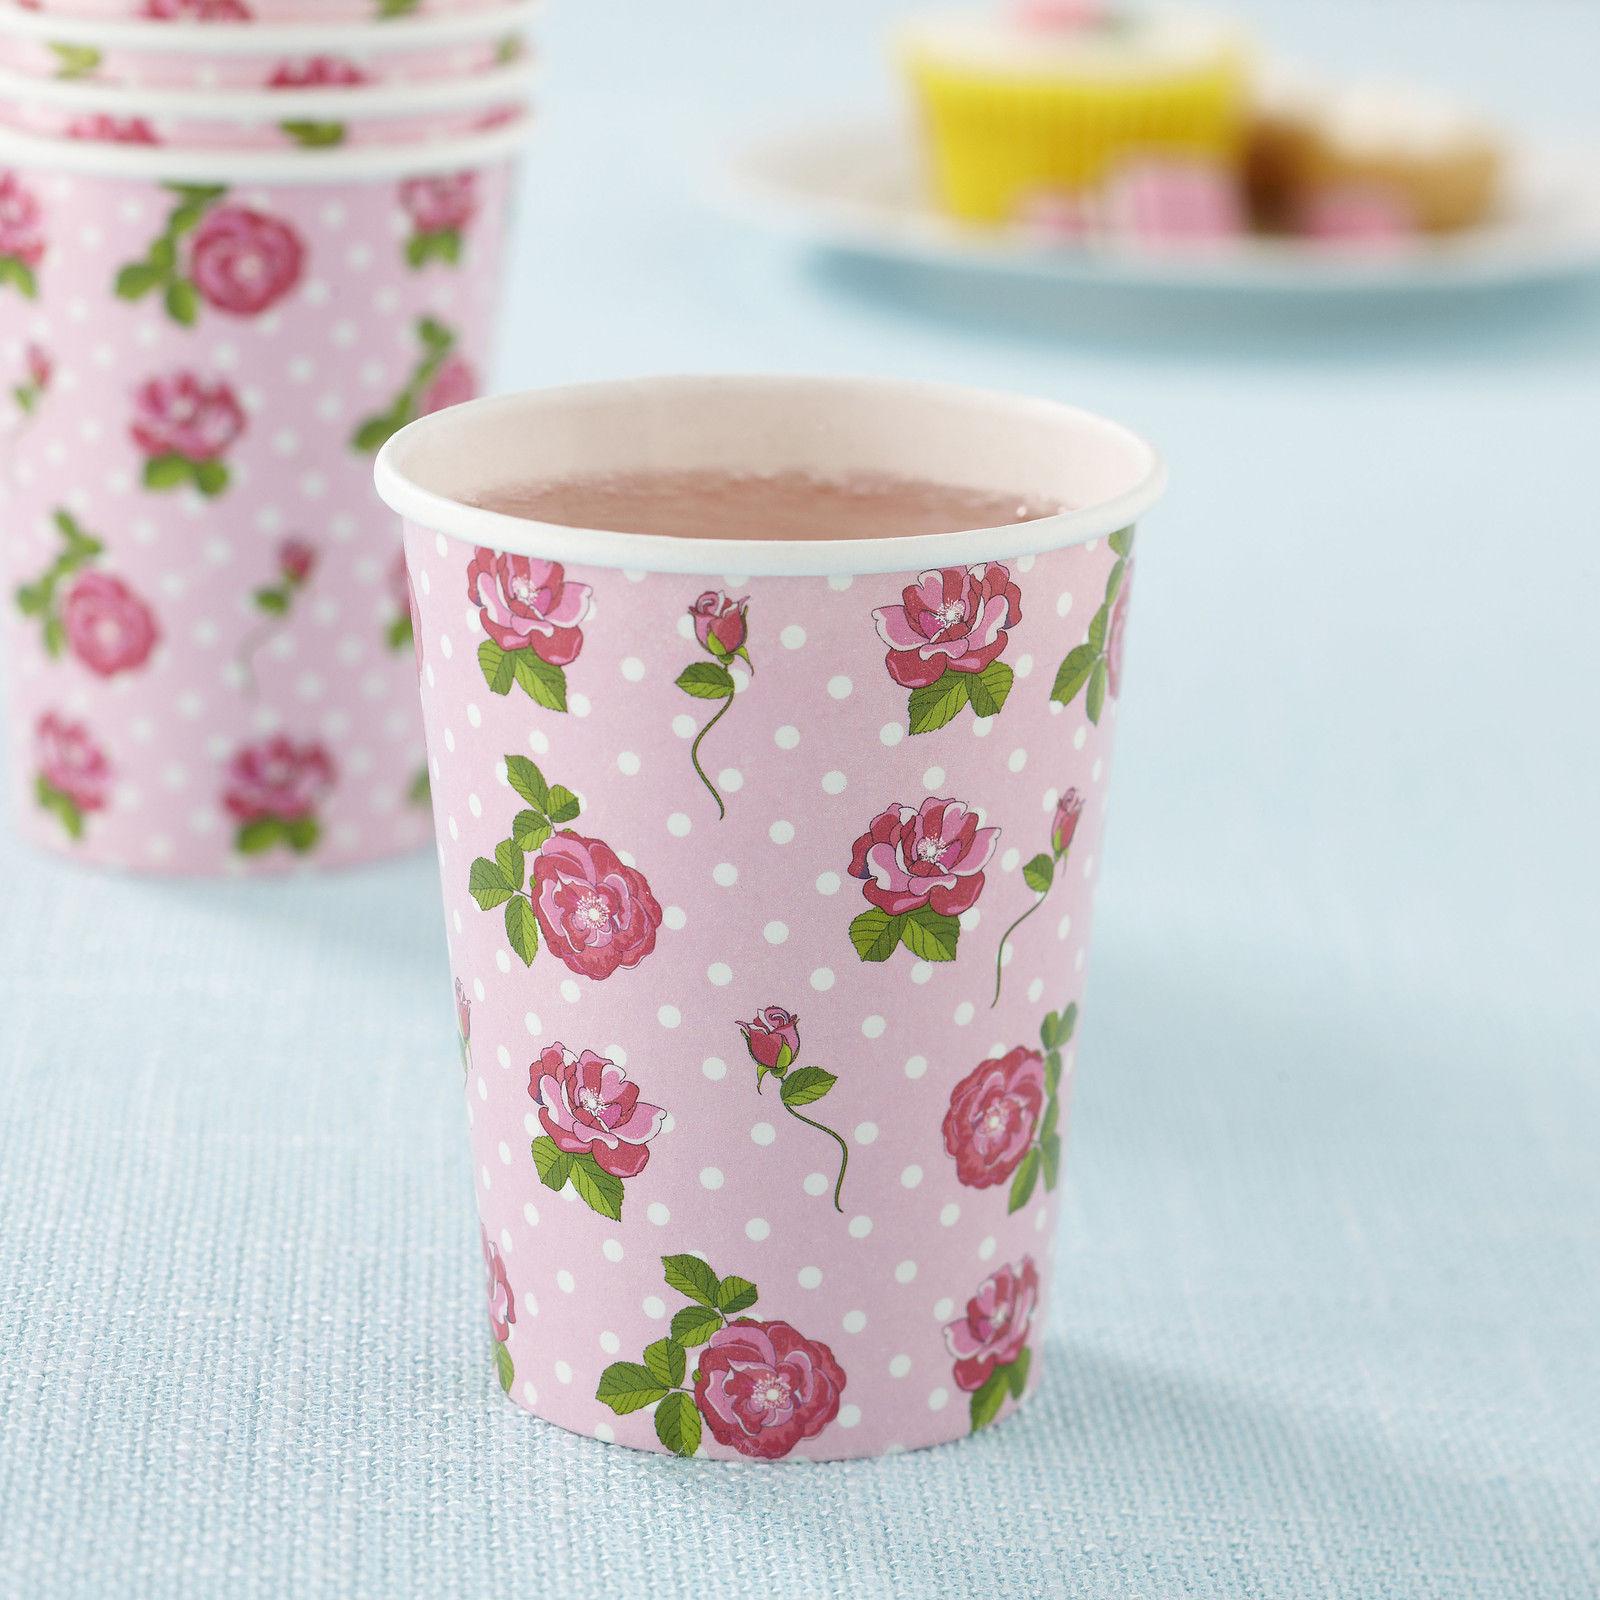 Vintage Cups 12